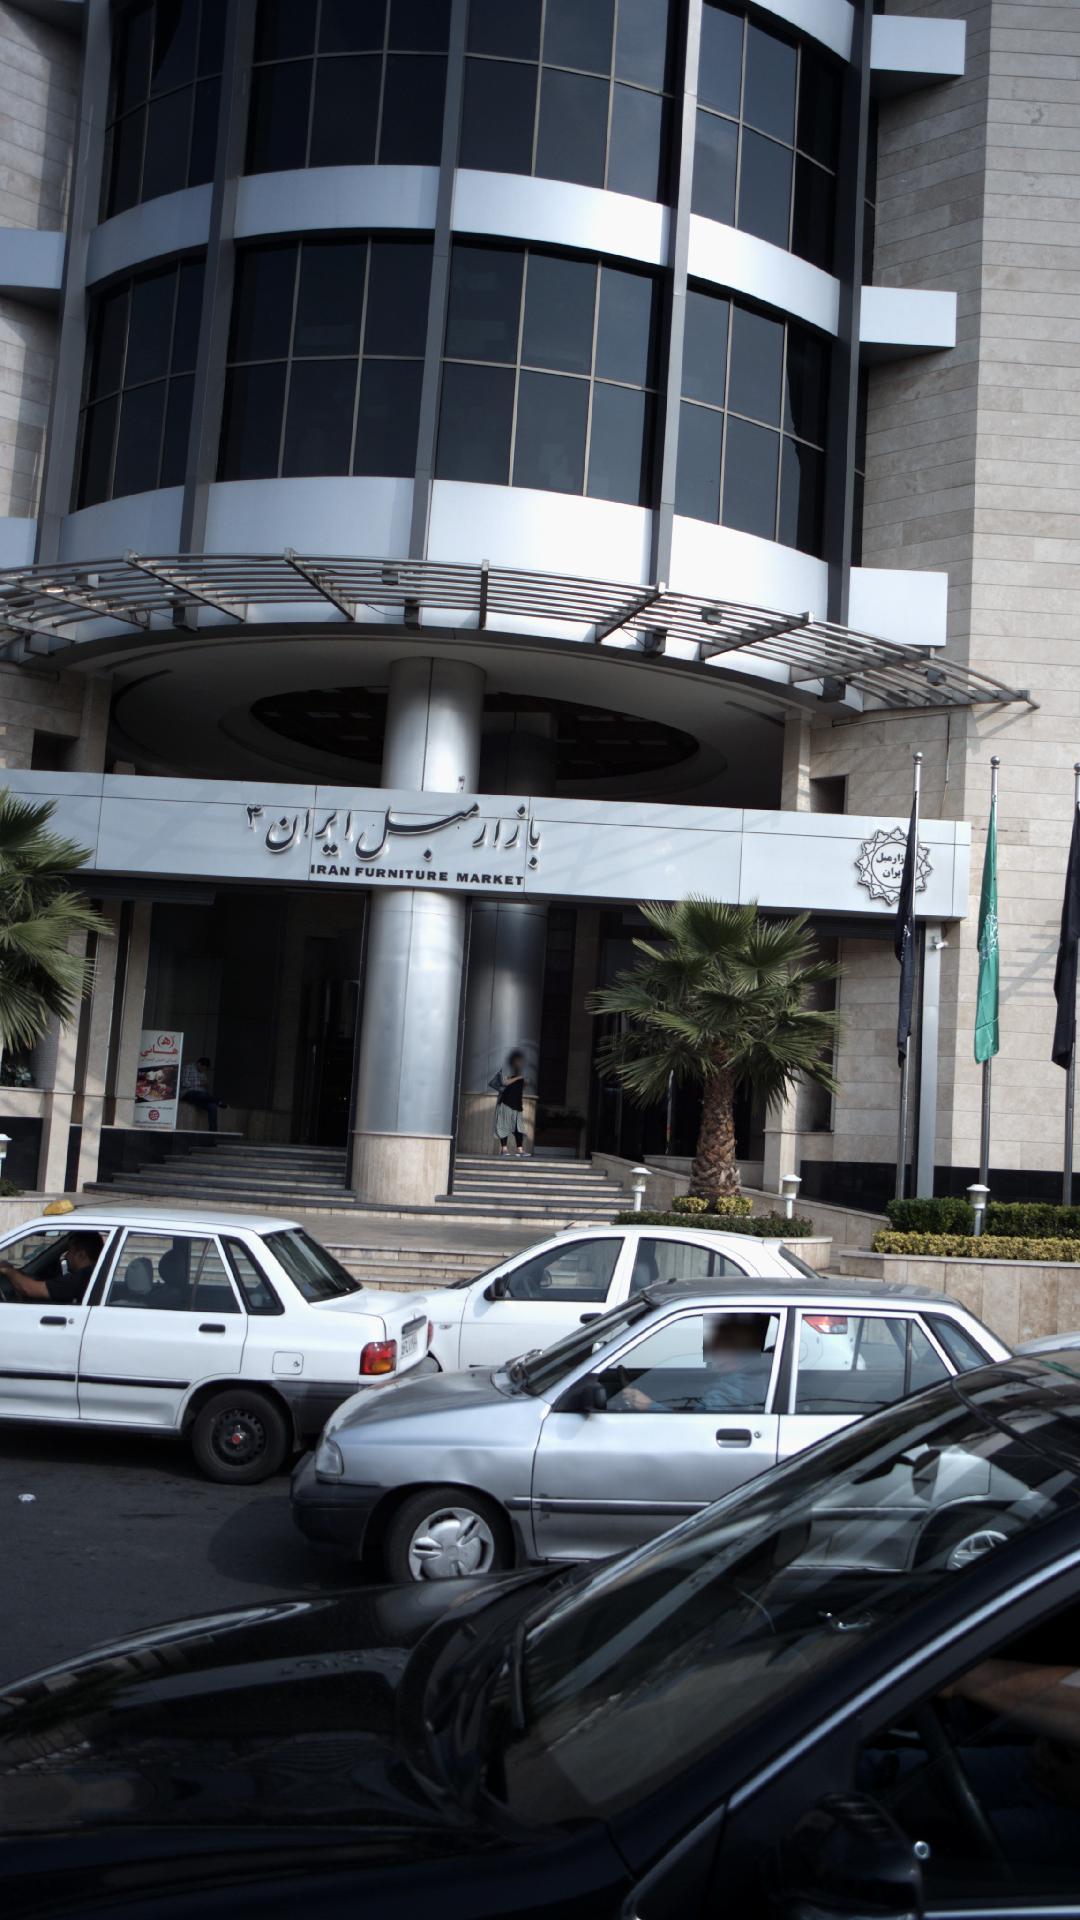 بازار مبل ایران شماره ۳